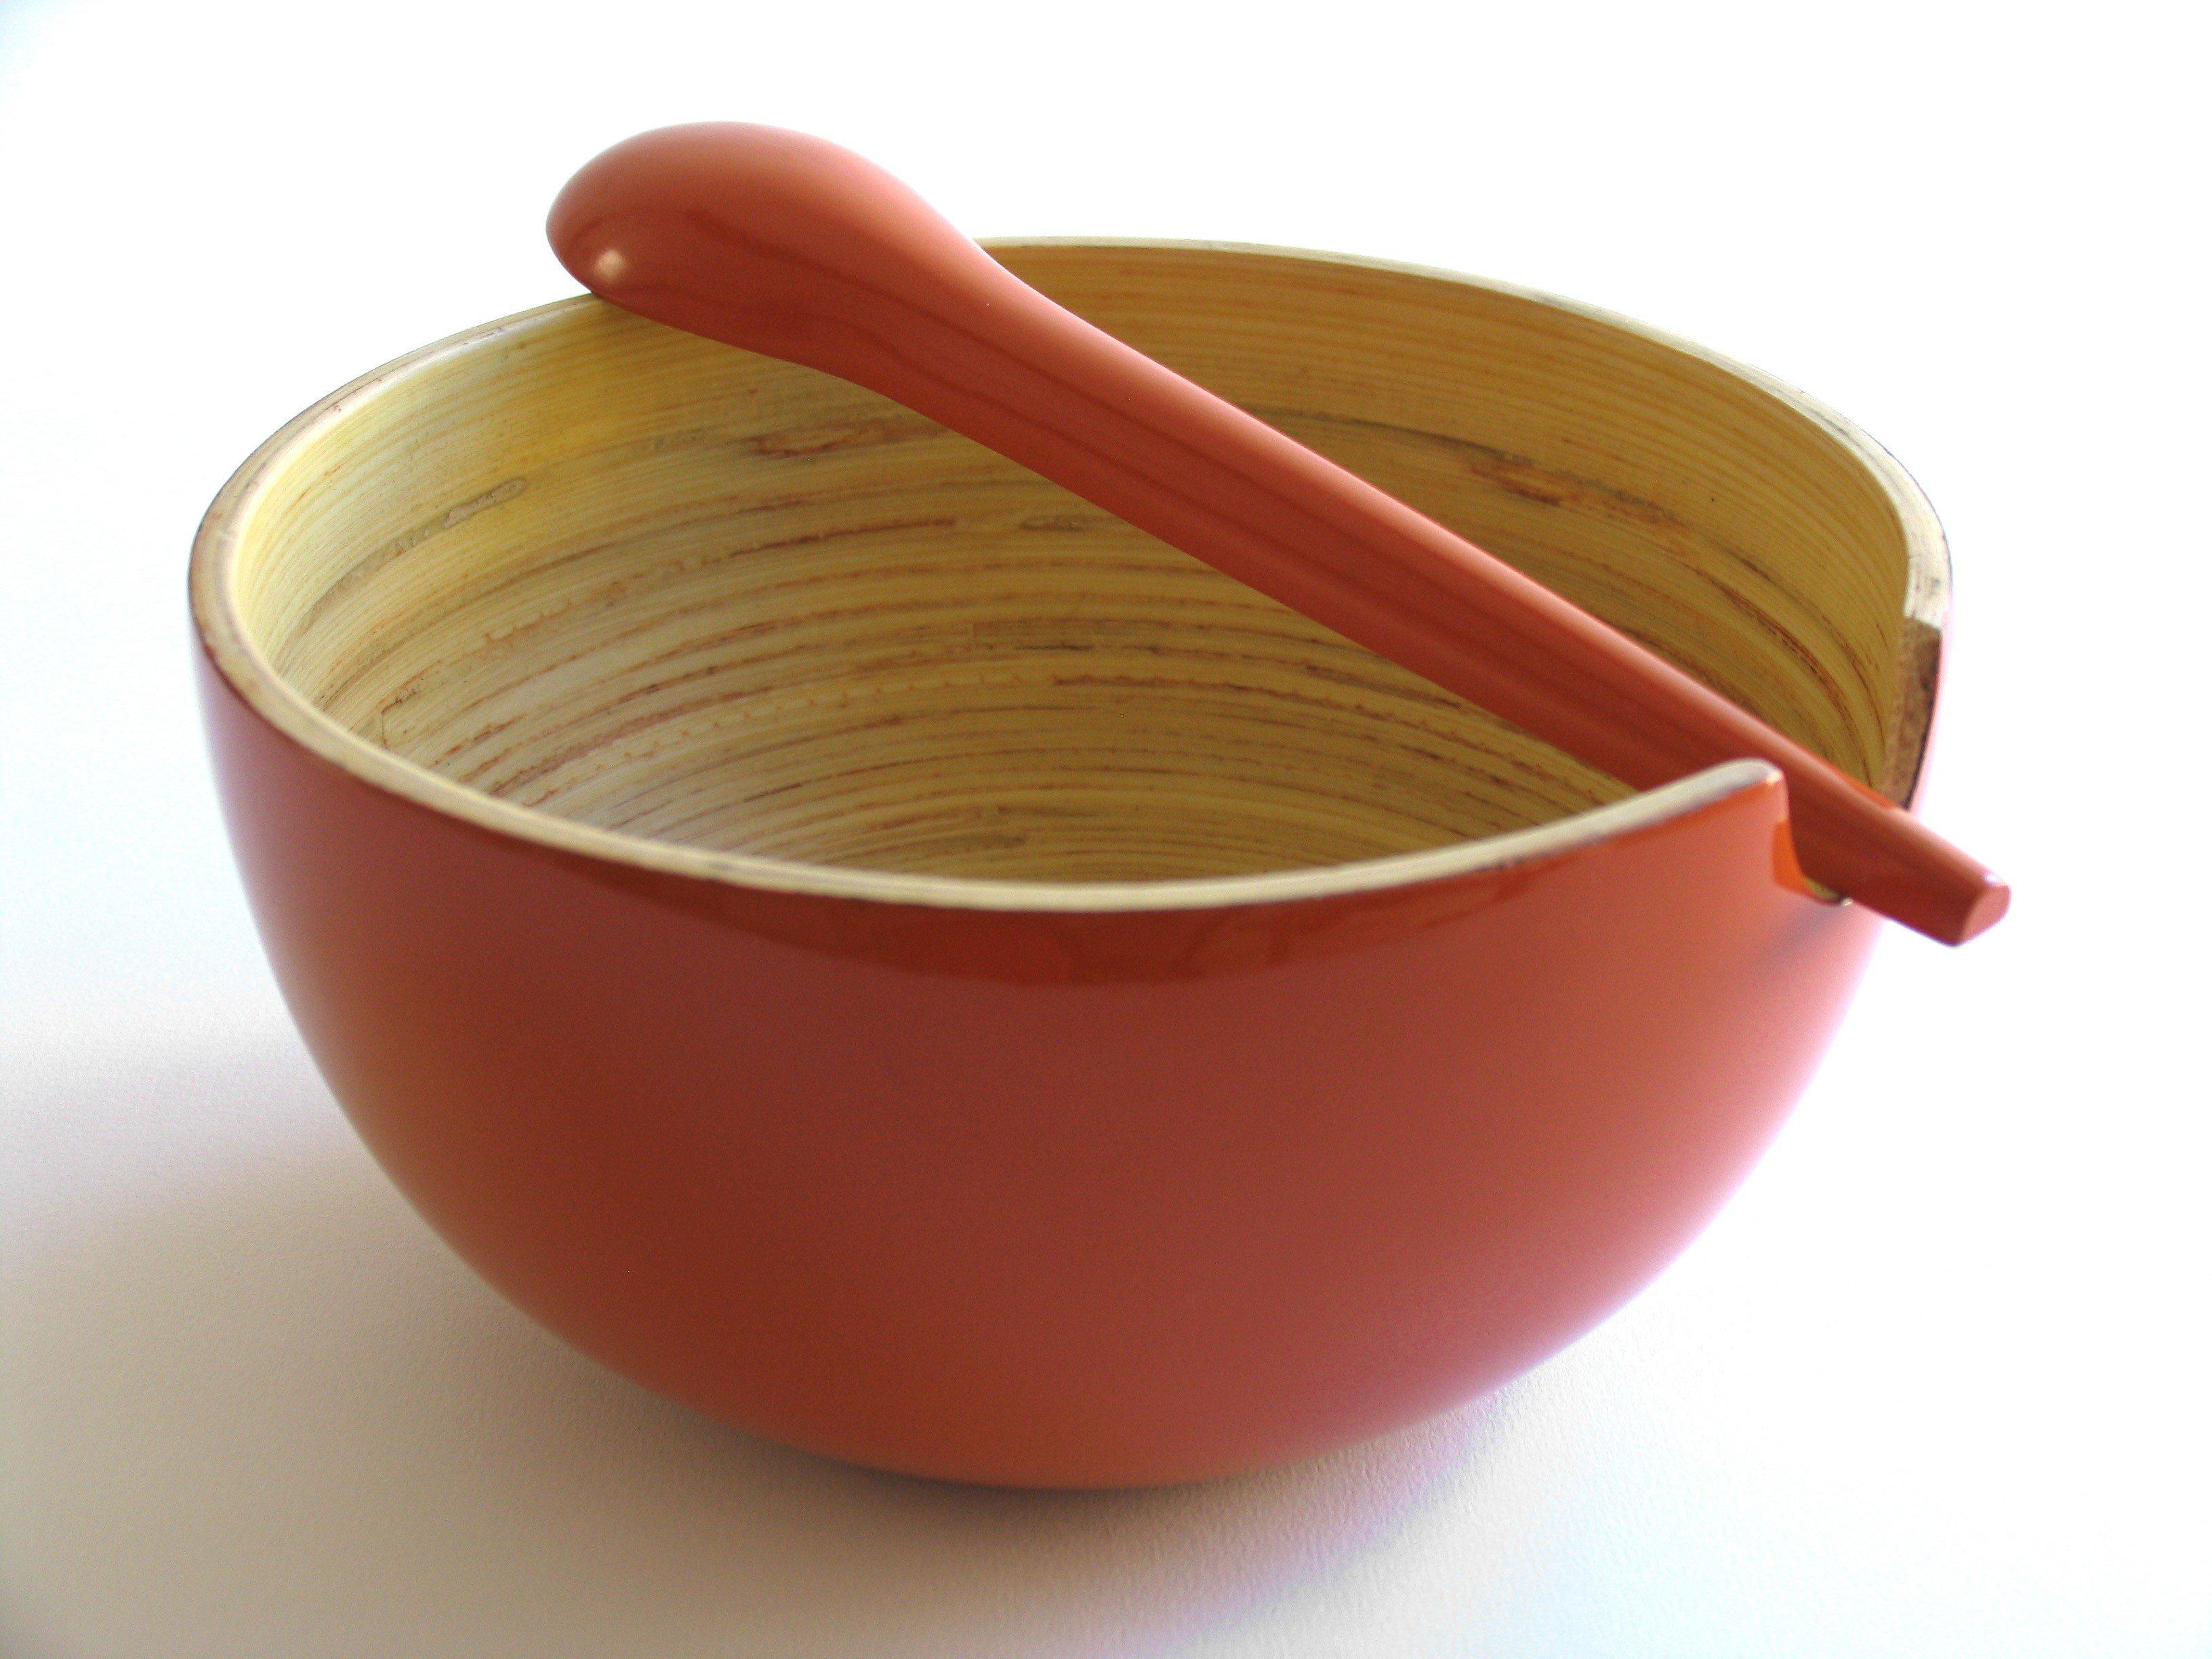 ekobo servierl ffel to rot tomato in bambusschalen im online shop von mehr gr. Black Bedroom Furniture Sets. Home Design Ideas